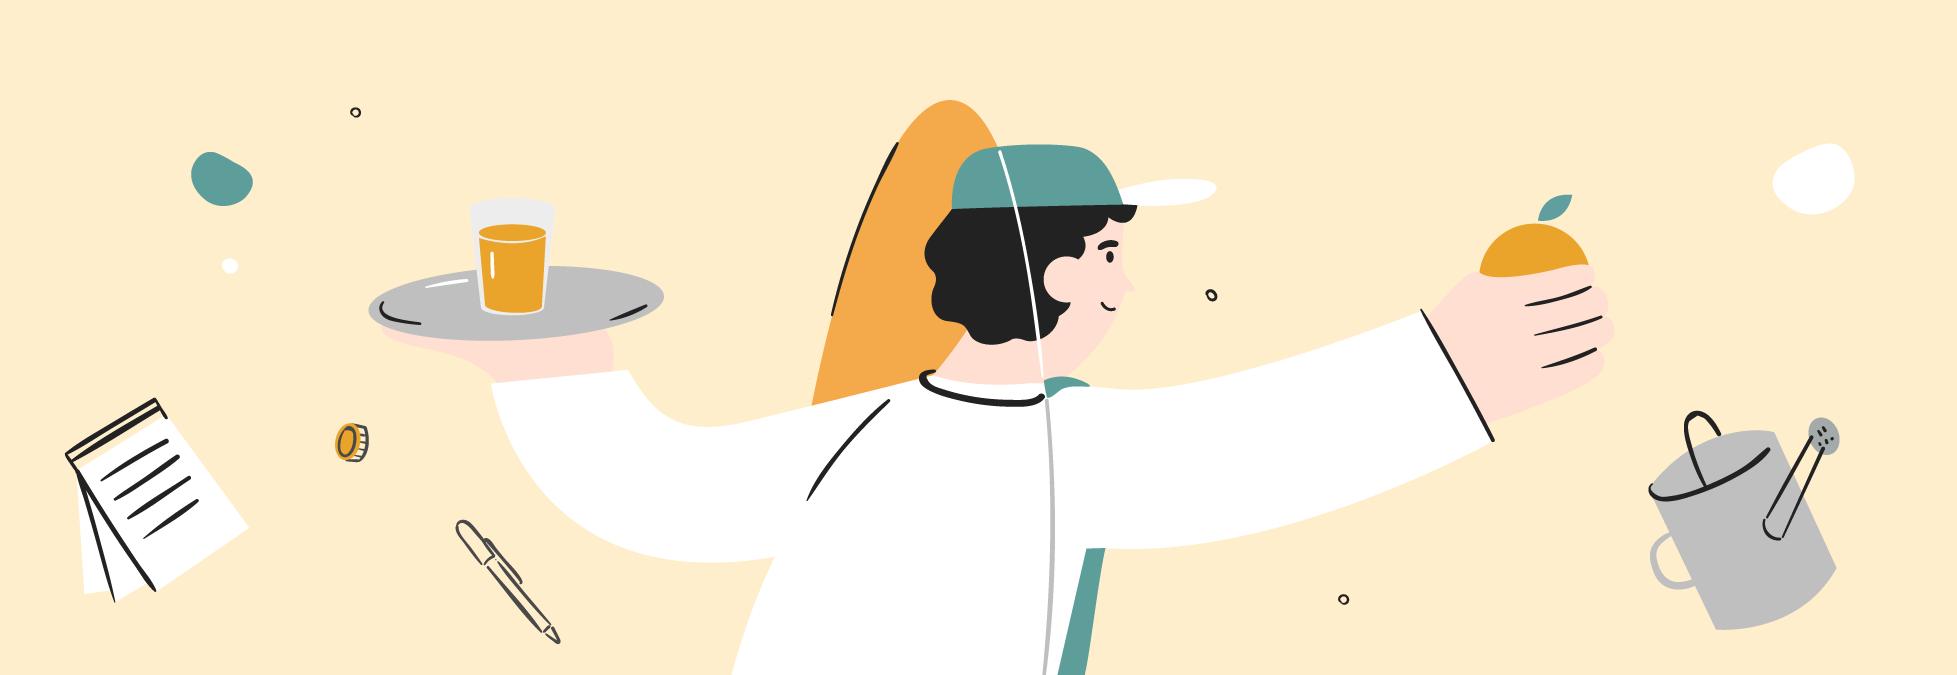 La ilustración de un camarero con la bandeja en la mano y de un agricultor con la naranja en la mano